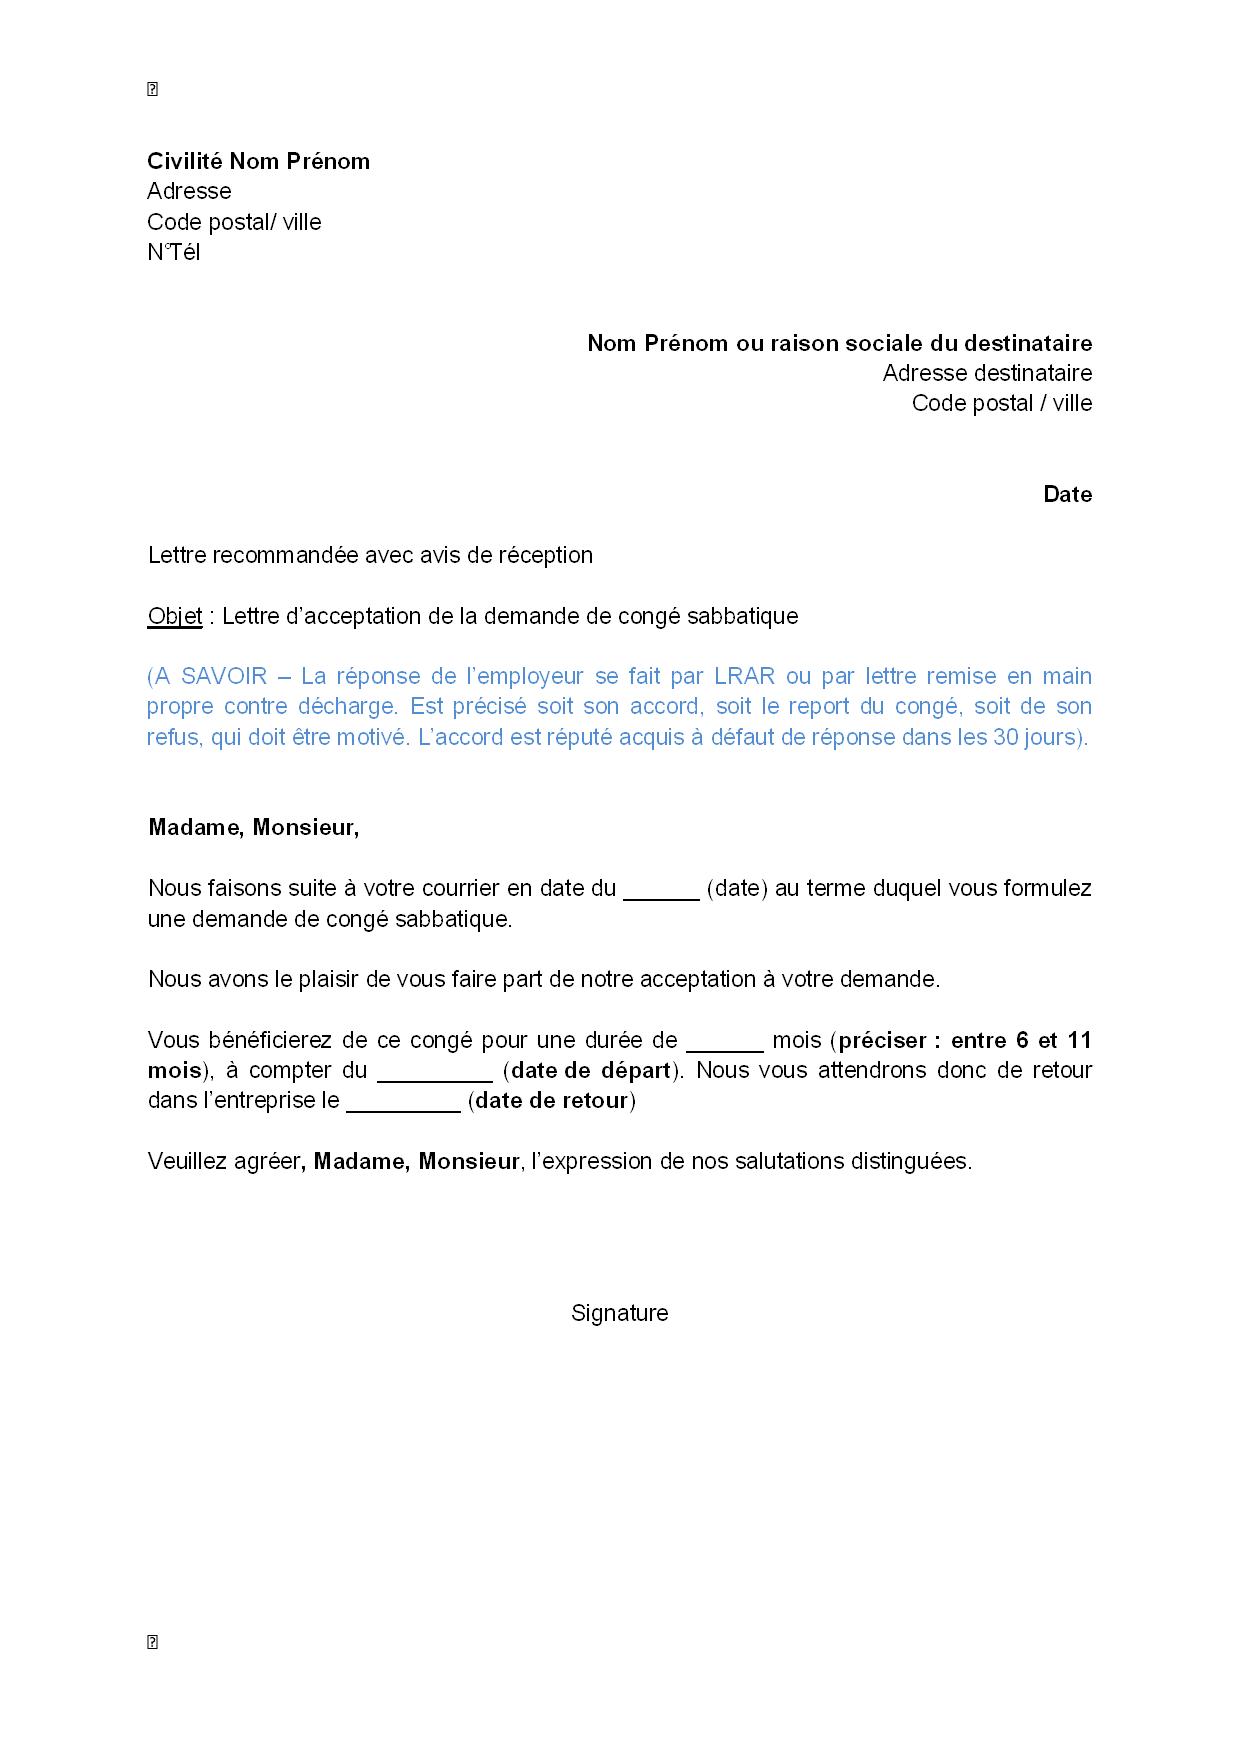 exemple gratuit de lettre acceptation  par employeur  demande cong u00e9 sabbatique